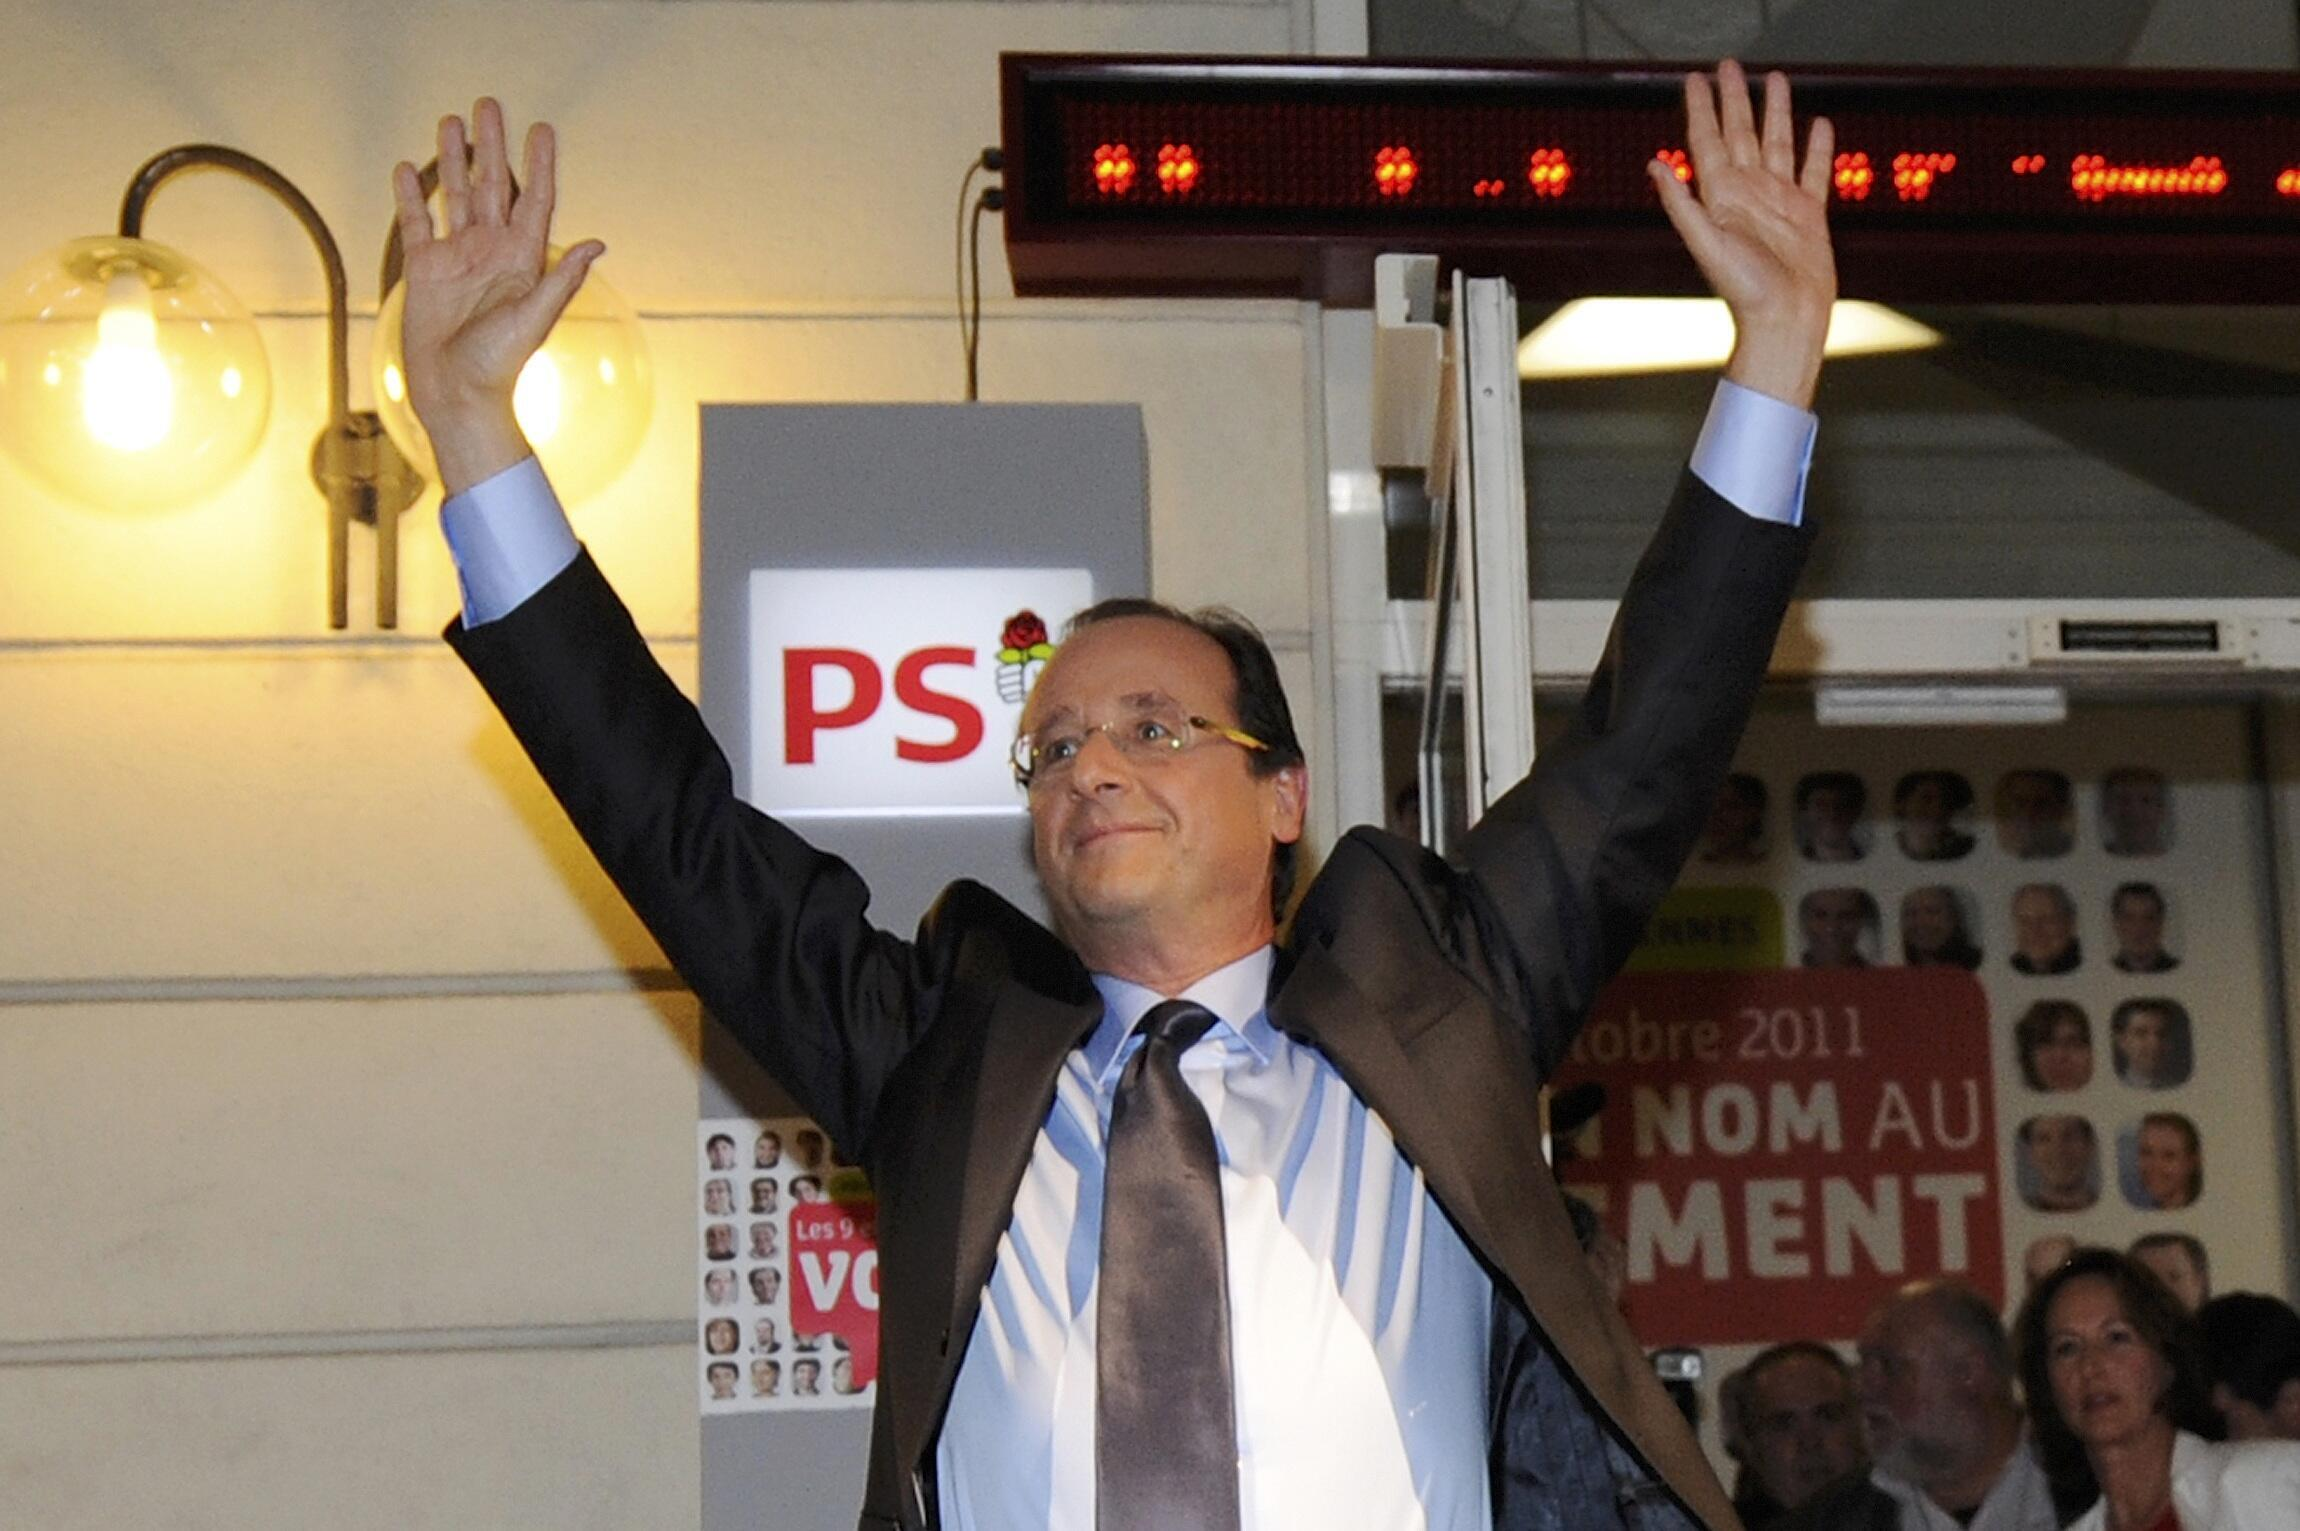 François Hollande, vencedor das eleições primárias socialistas de domingo celebra a sua vitória na sede do PS em Paris.